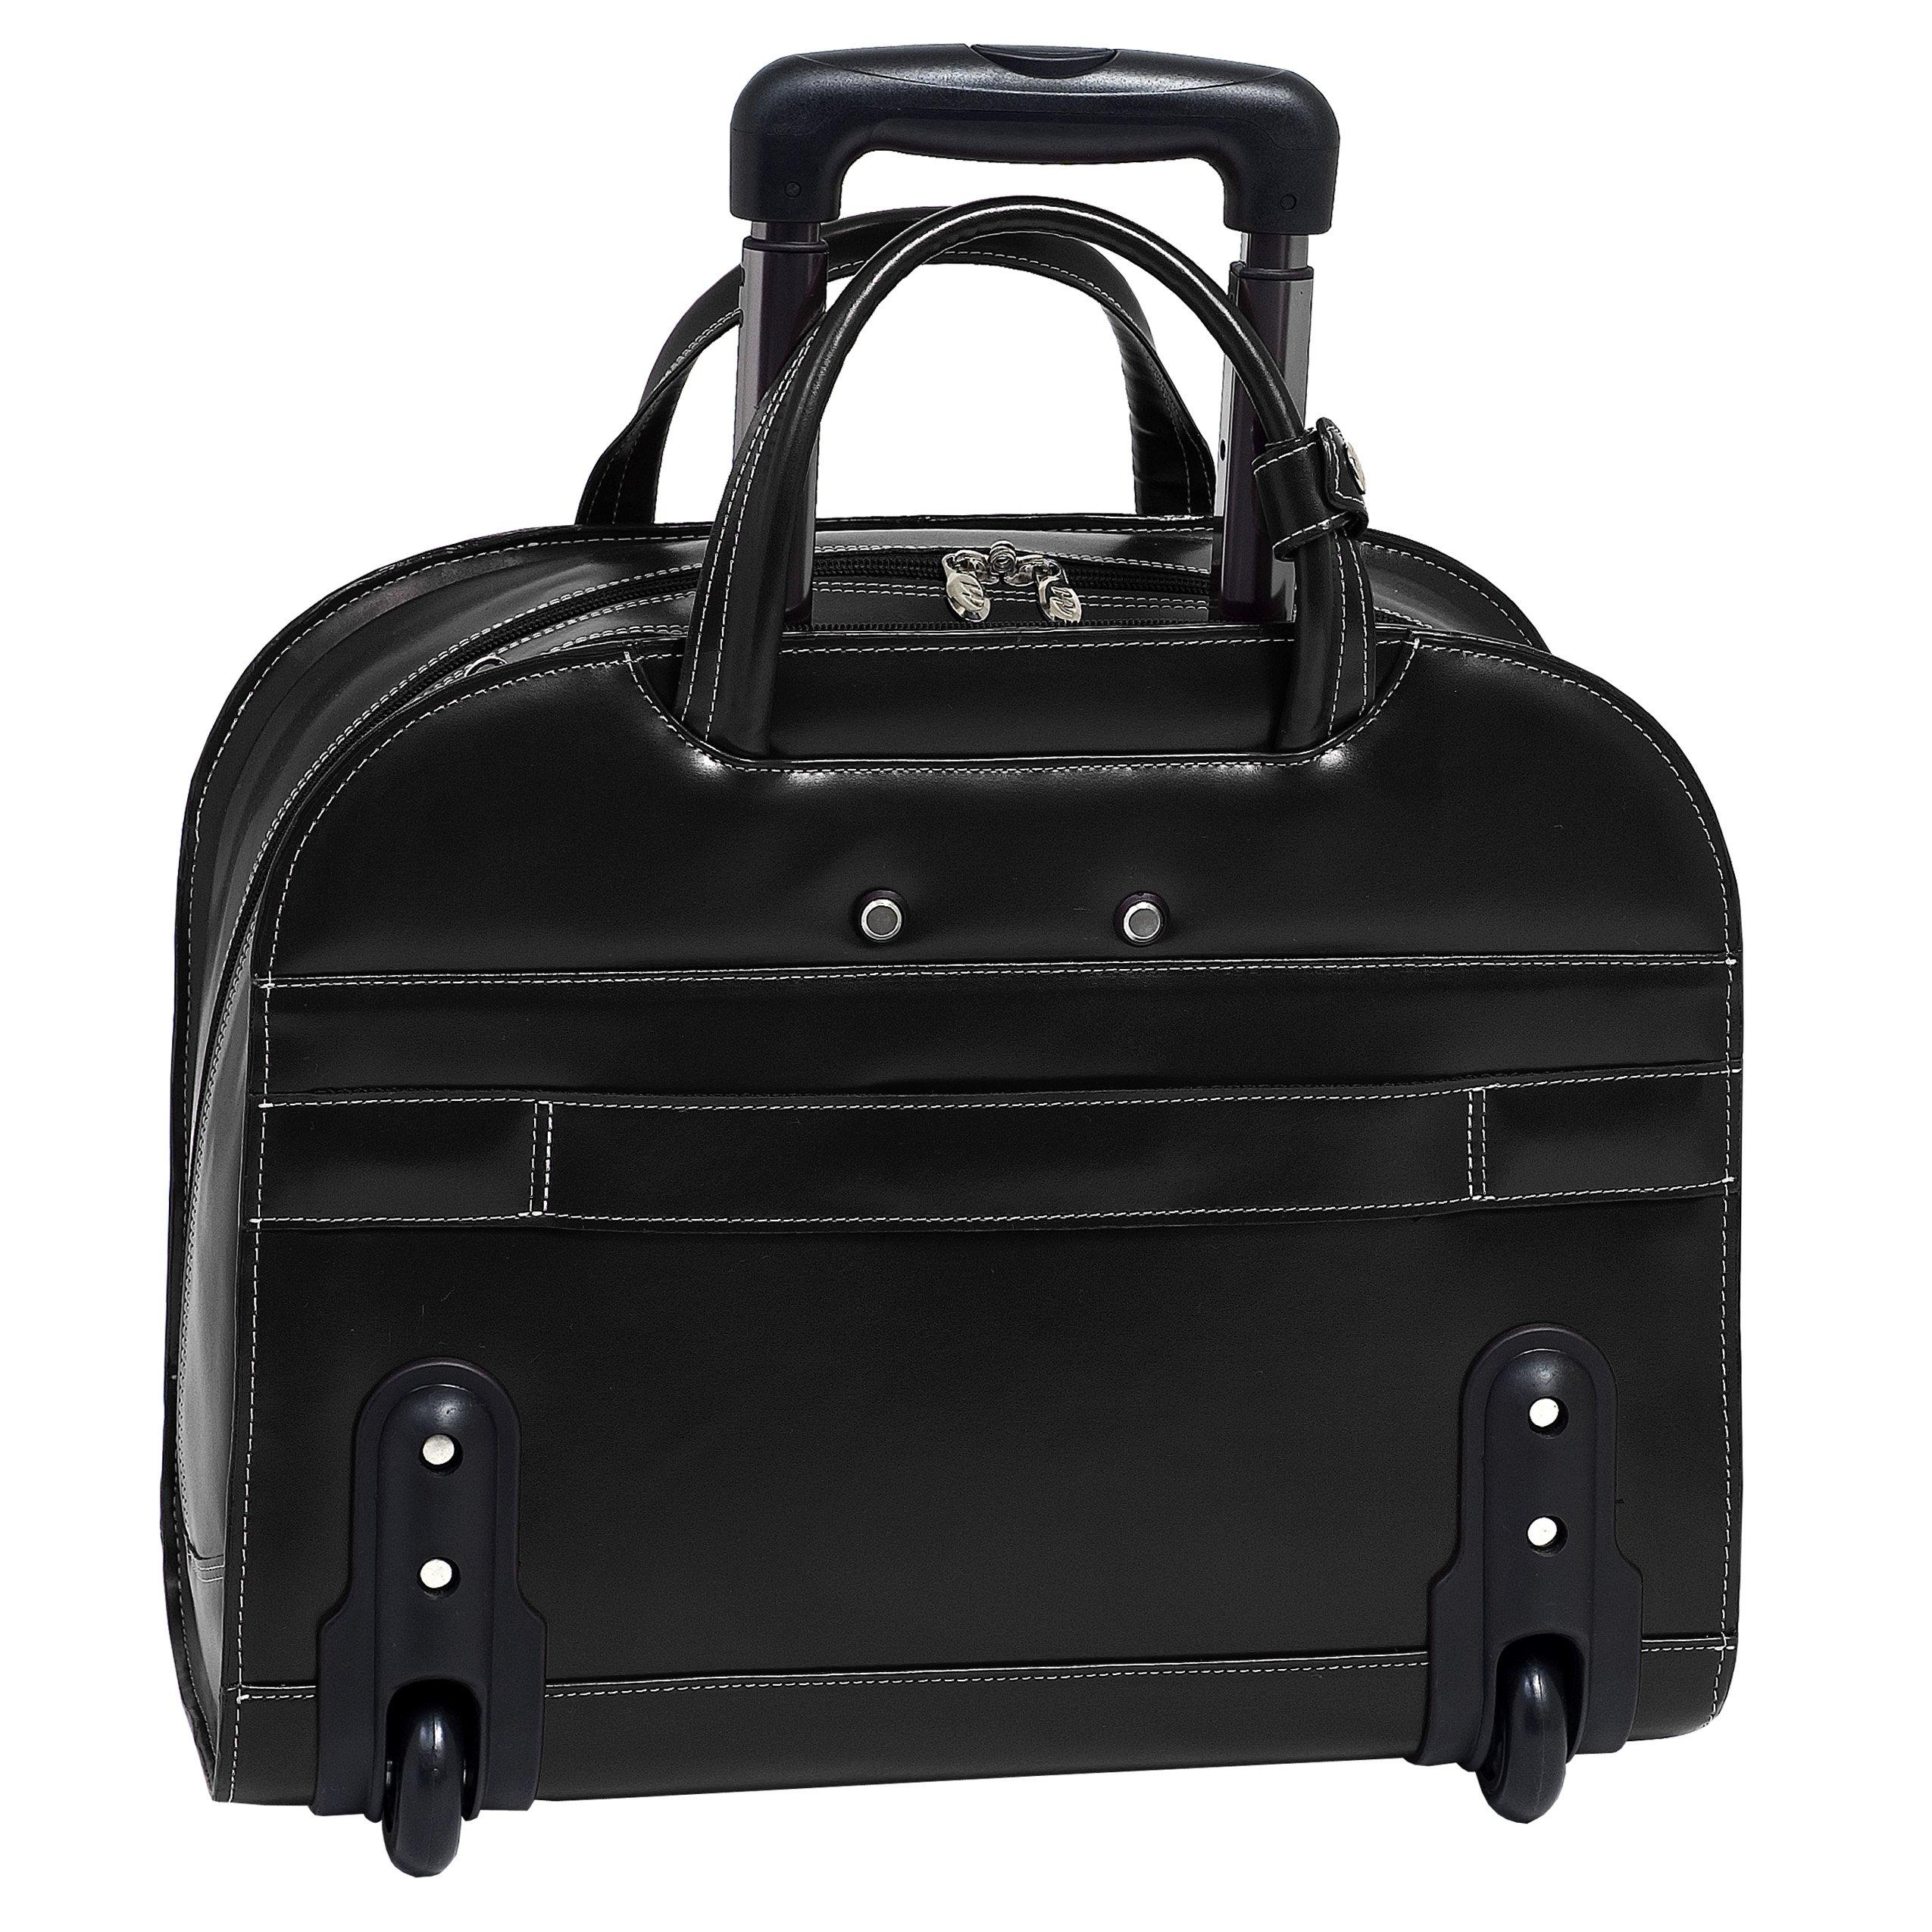 McKleinUSA DAVIS 96185A Black Wheeled Ladies' Laptop Case by McKleinUSA